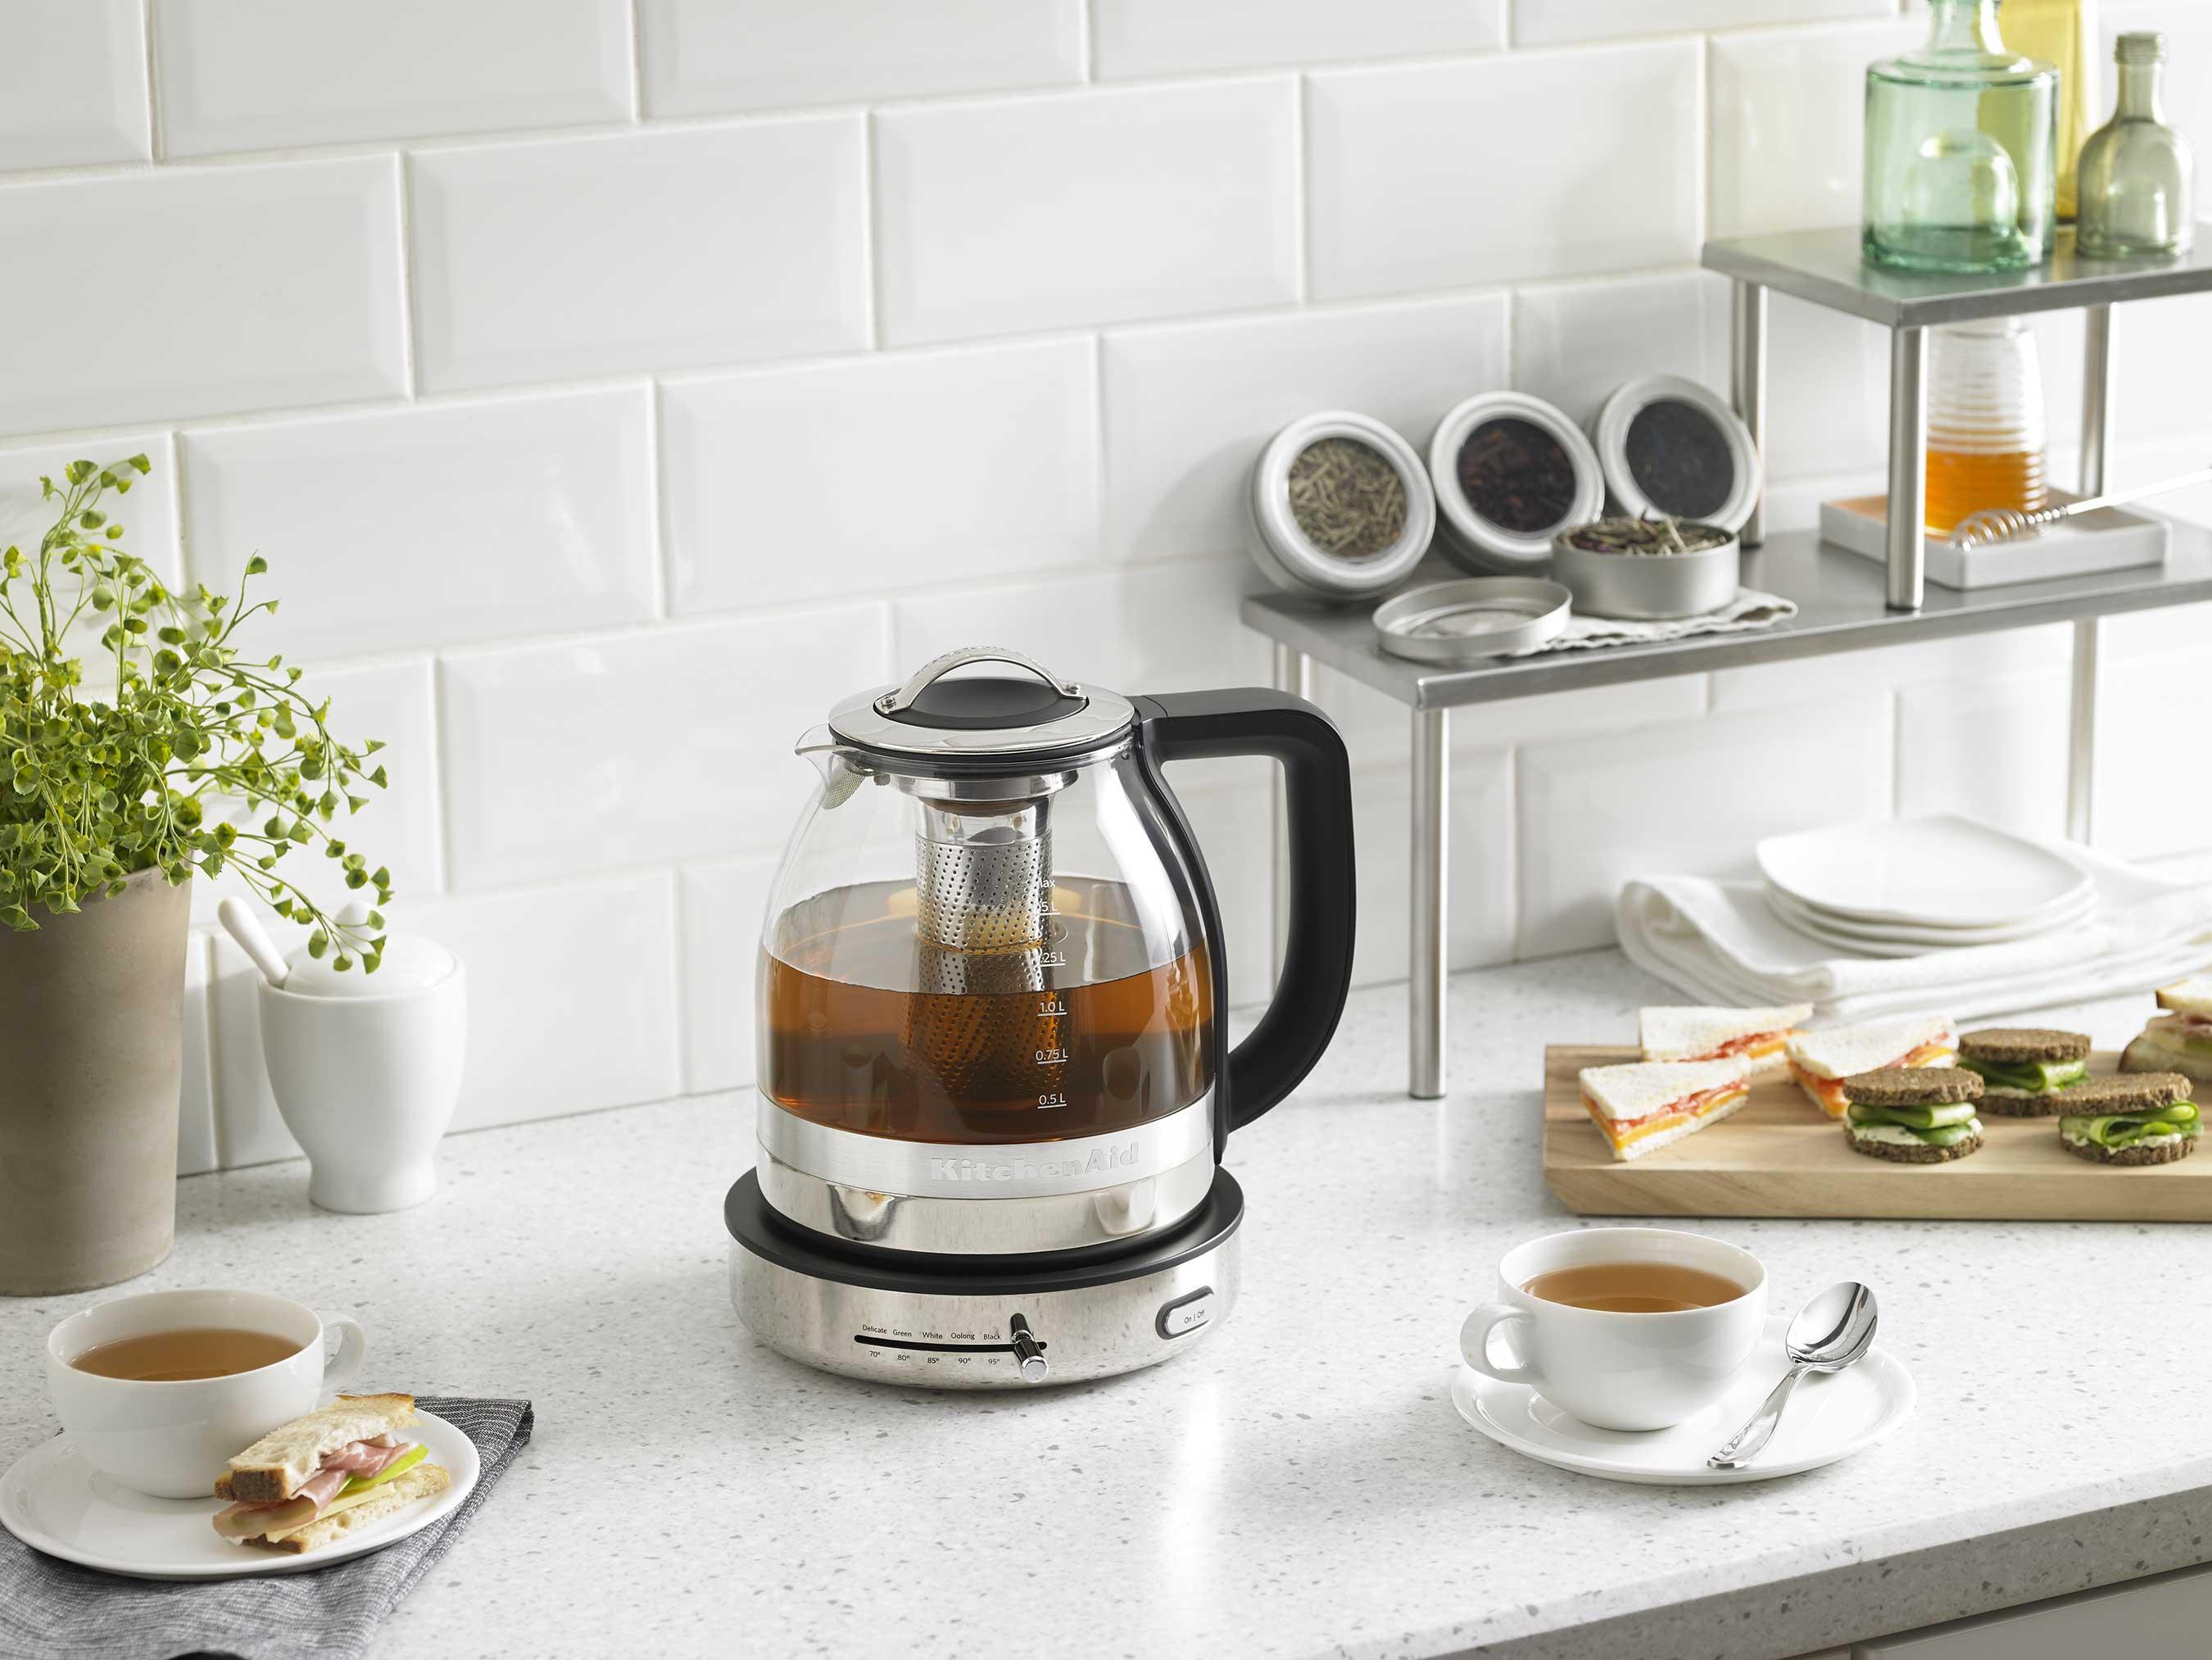 Kitchenaid 174 Glass Tea Kettle Offers Tea Lovers Easy